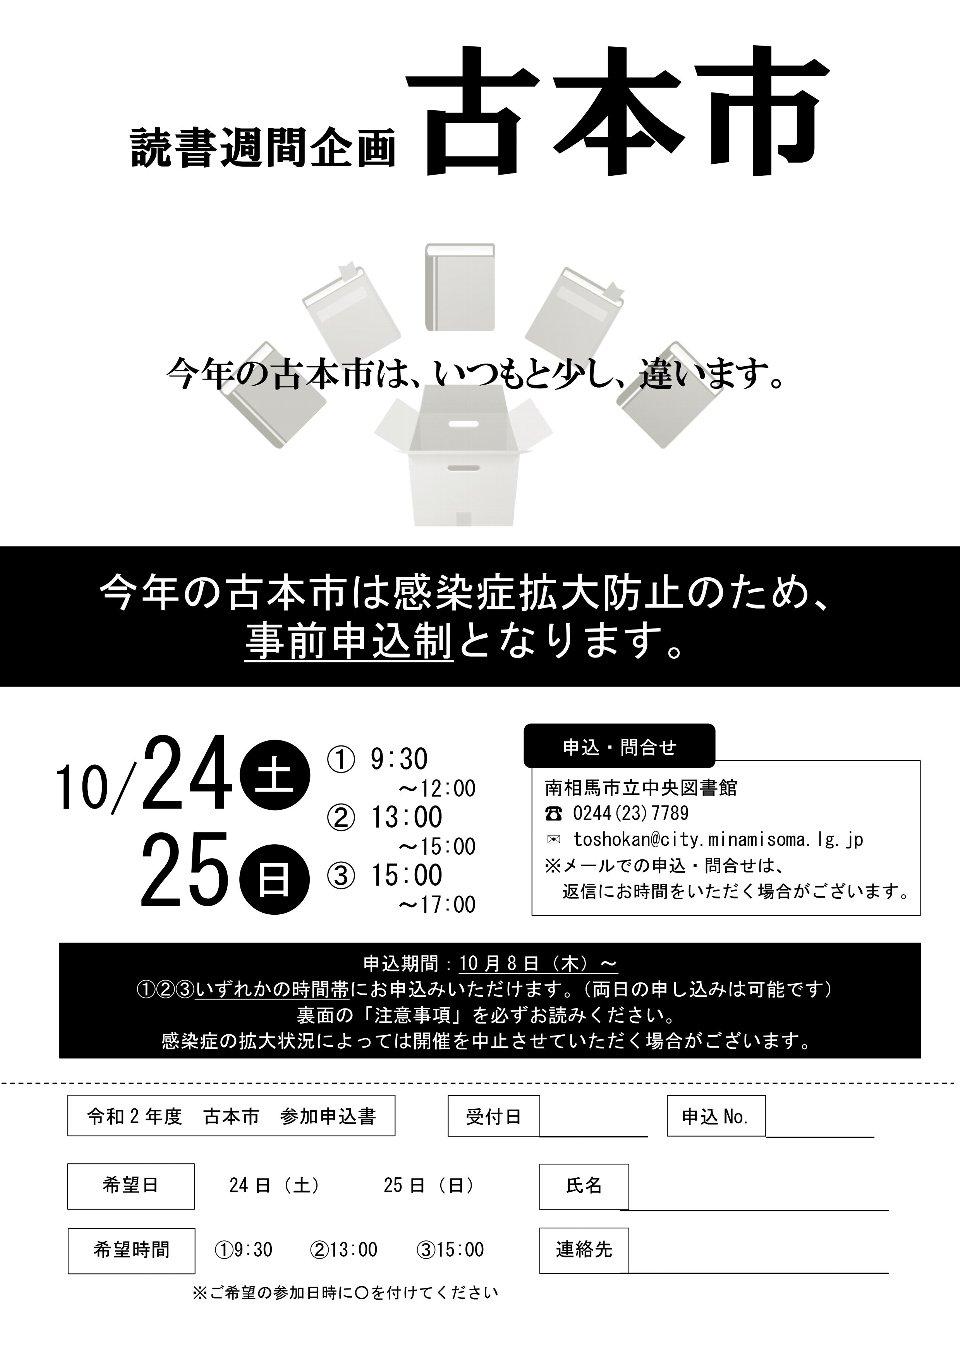 【南相馬市】古本市を開催します! @ 南相馬市立中央図書館